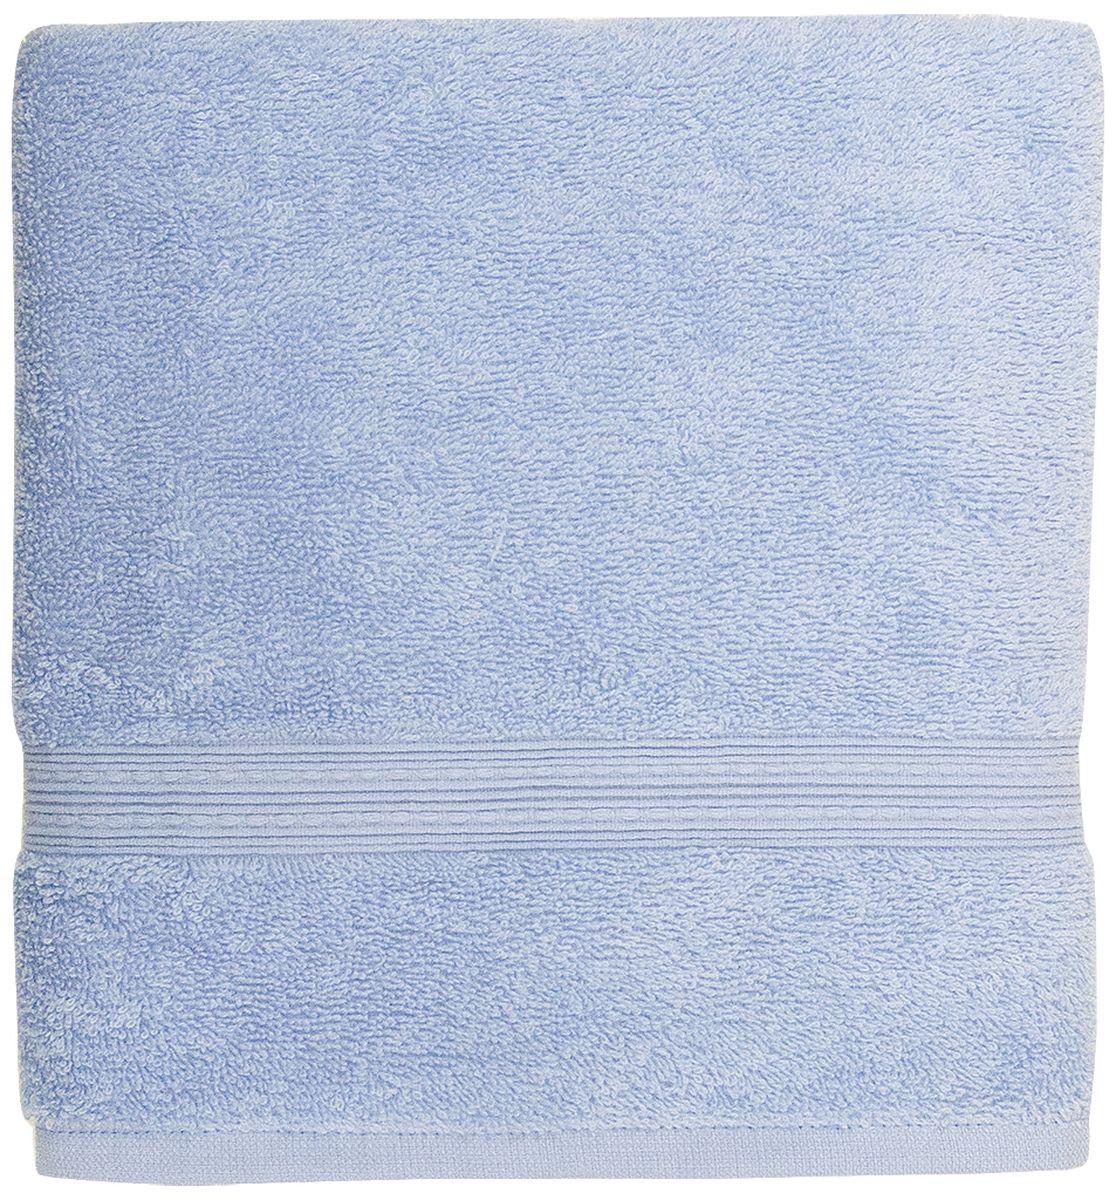 Полотенце банное Bonita Classic, цвет: азур, 70 х 140 см68/5/2Банное полотенце Bonita Classic выполнено из 100% хлопка. Изделие отлично впитывает влагу, быстро сохнет, сохраняет яркость цвета и не теряет форму даже после многократных стирок. Такое полотенце очень практично и неприхотливо в уходе. Оно создаст прекрасное настроение и украсит интерьер в ванной комнате.